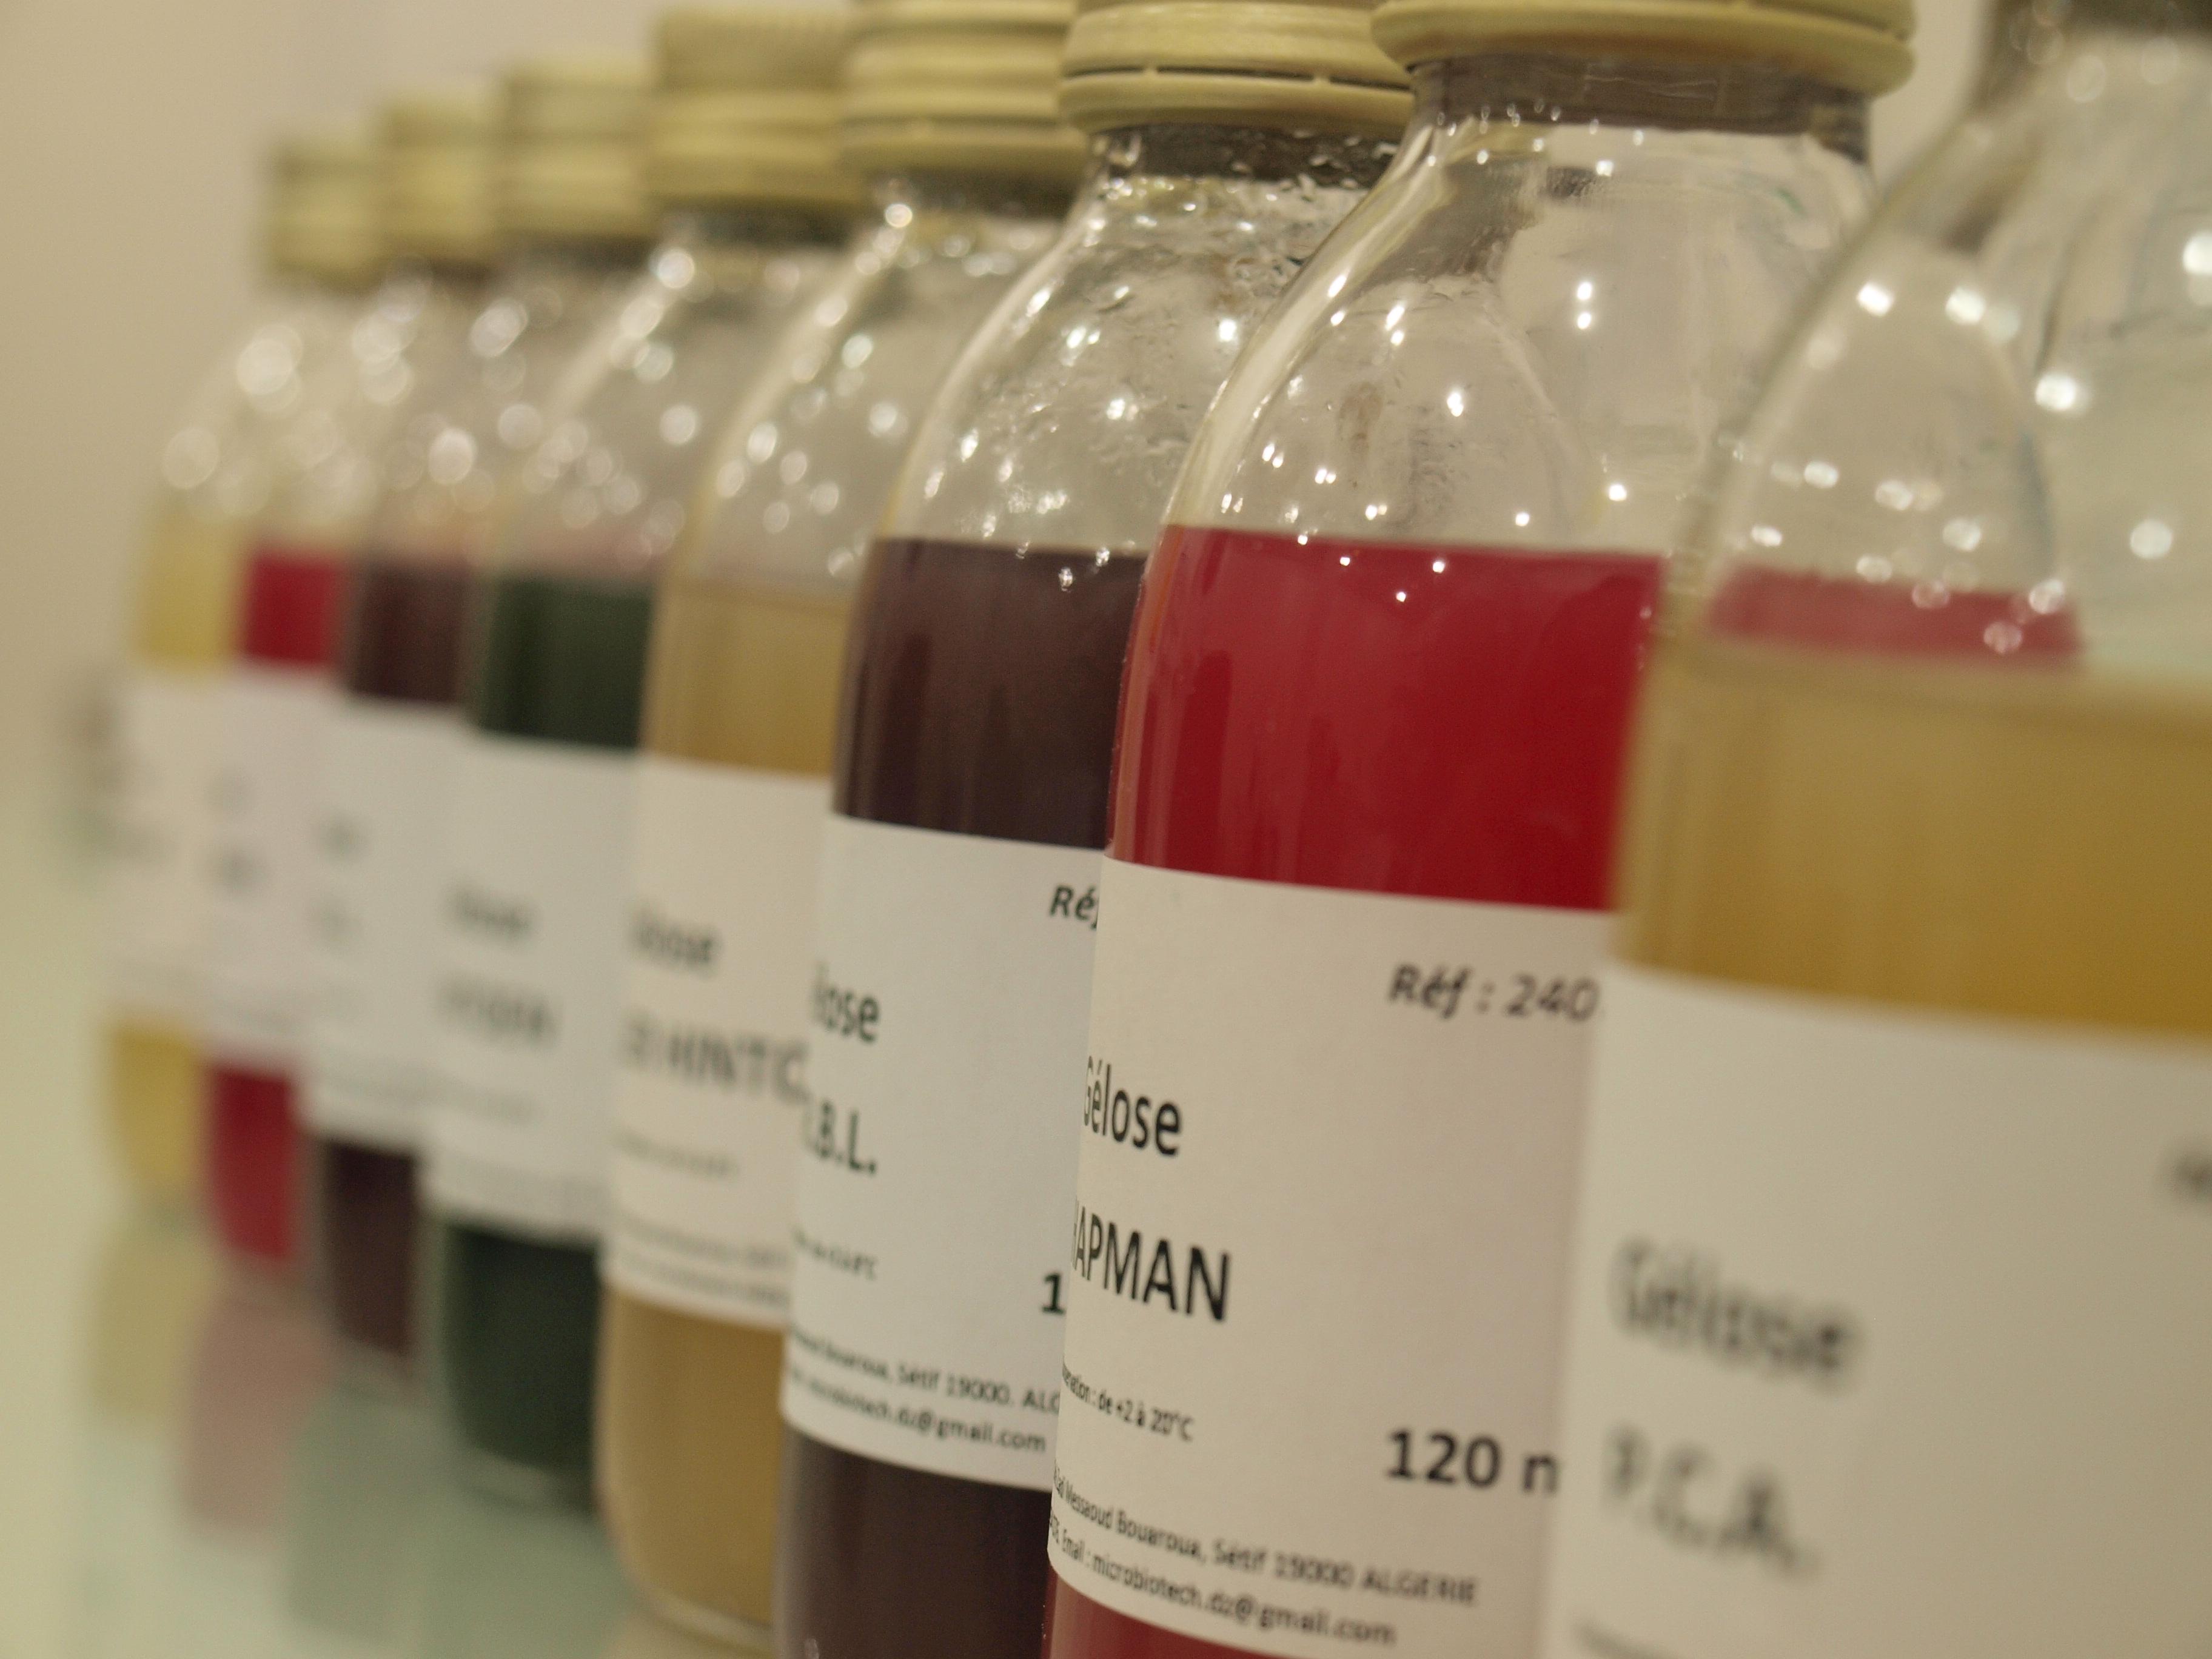 Réactifs de biologie moleculaire et Milieux de cultures prêts à l'emploi